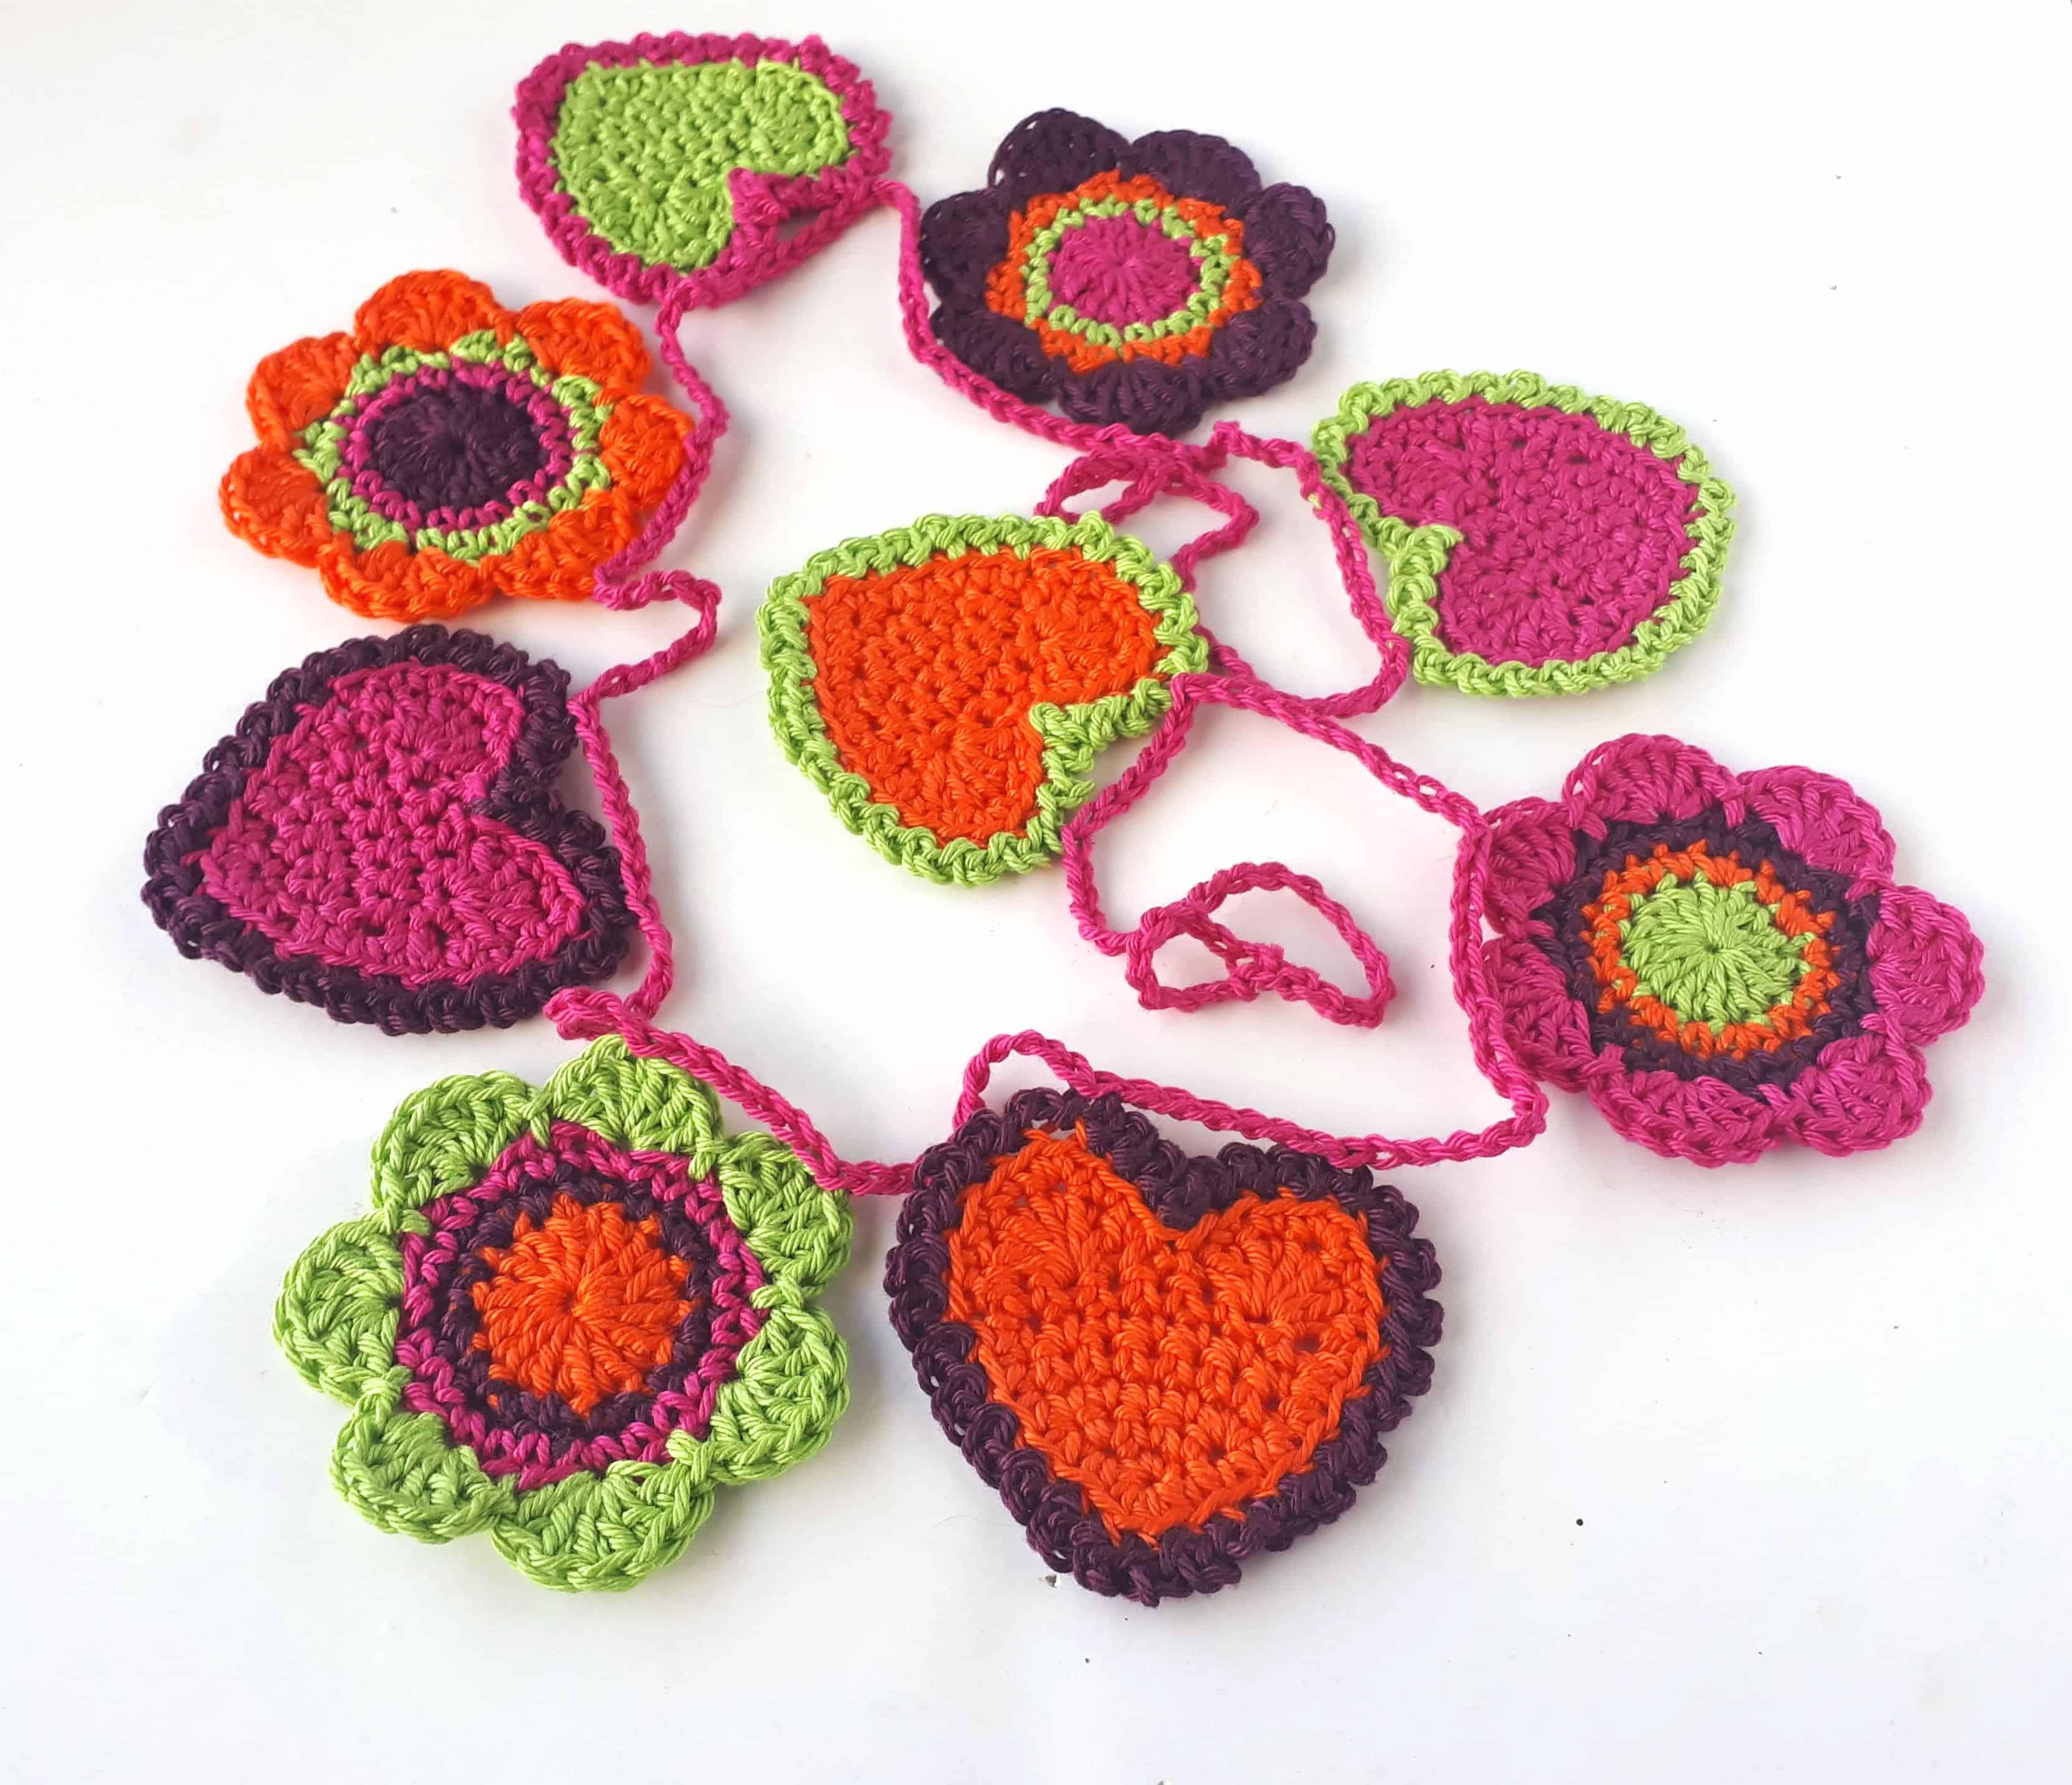 Crochet Garland For Valentine S Day Free Crochet Pattern Annie Design Crochet